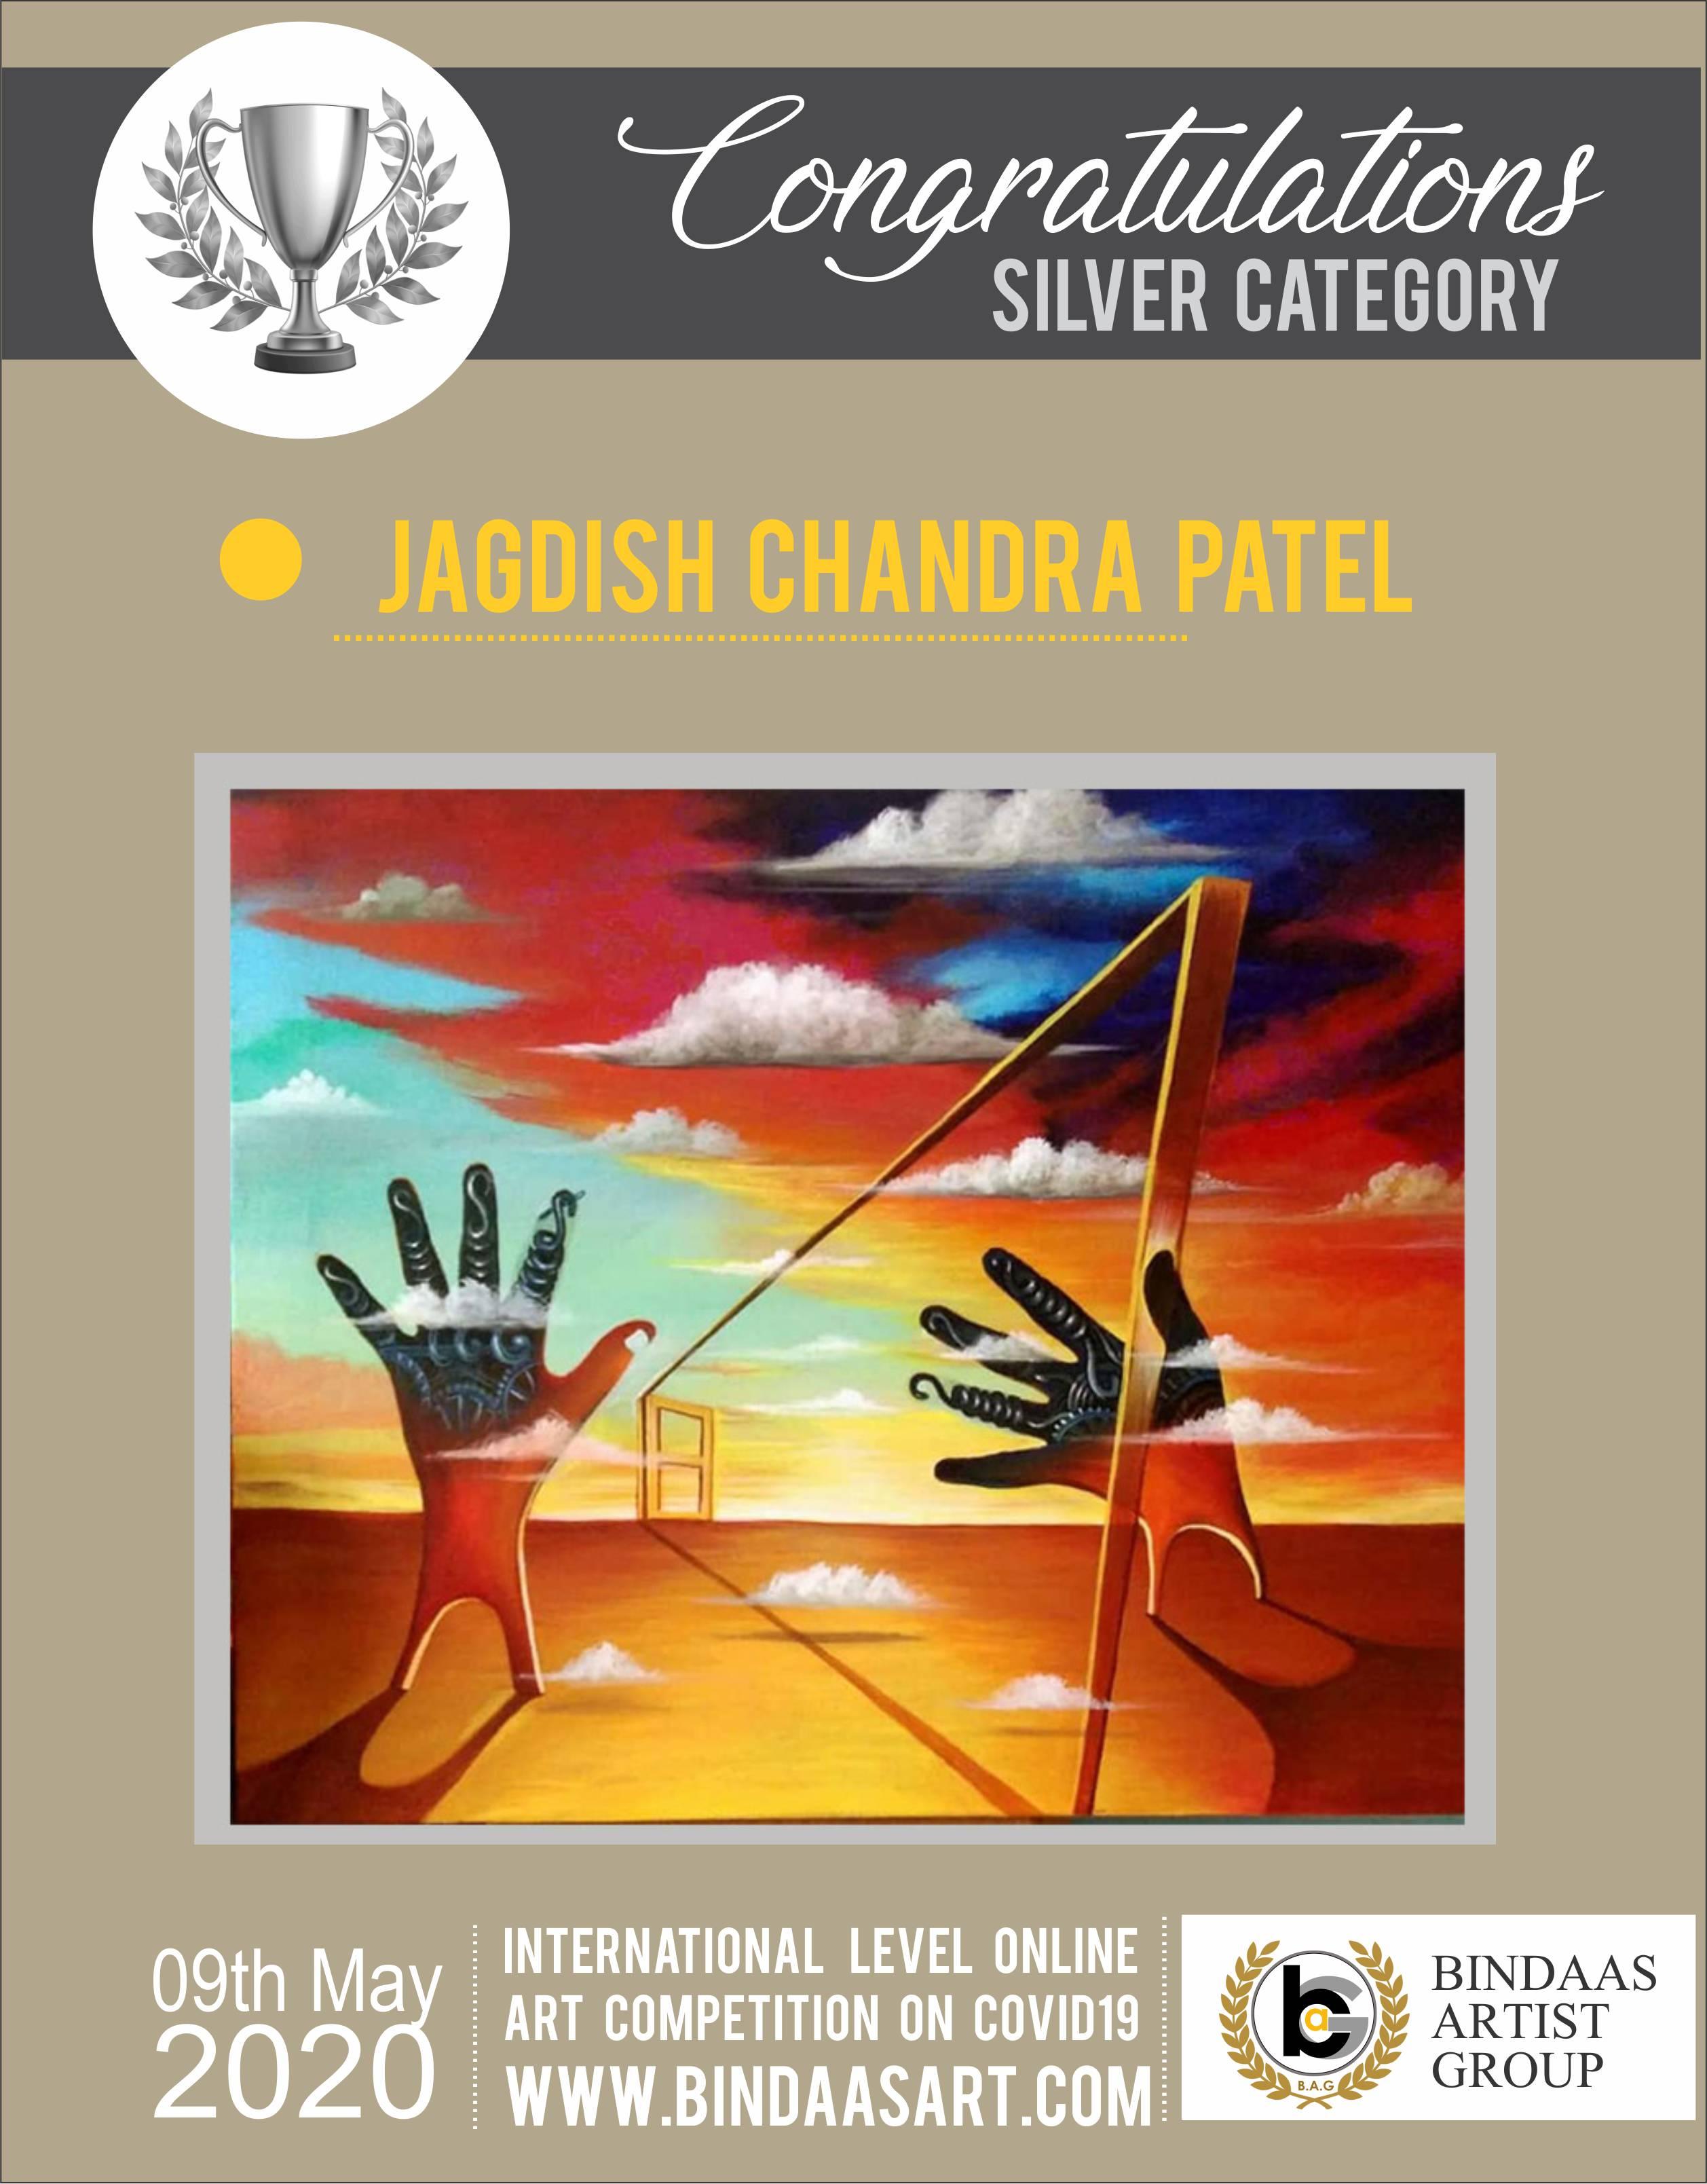 jagdishchandra patel